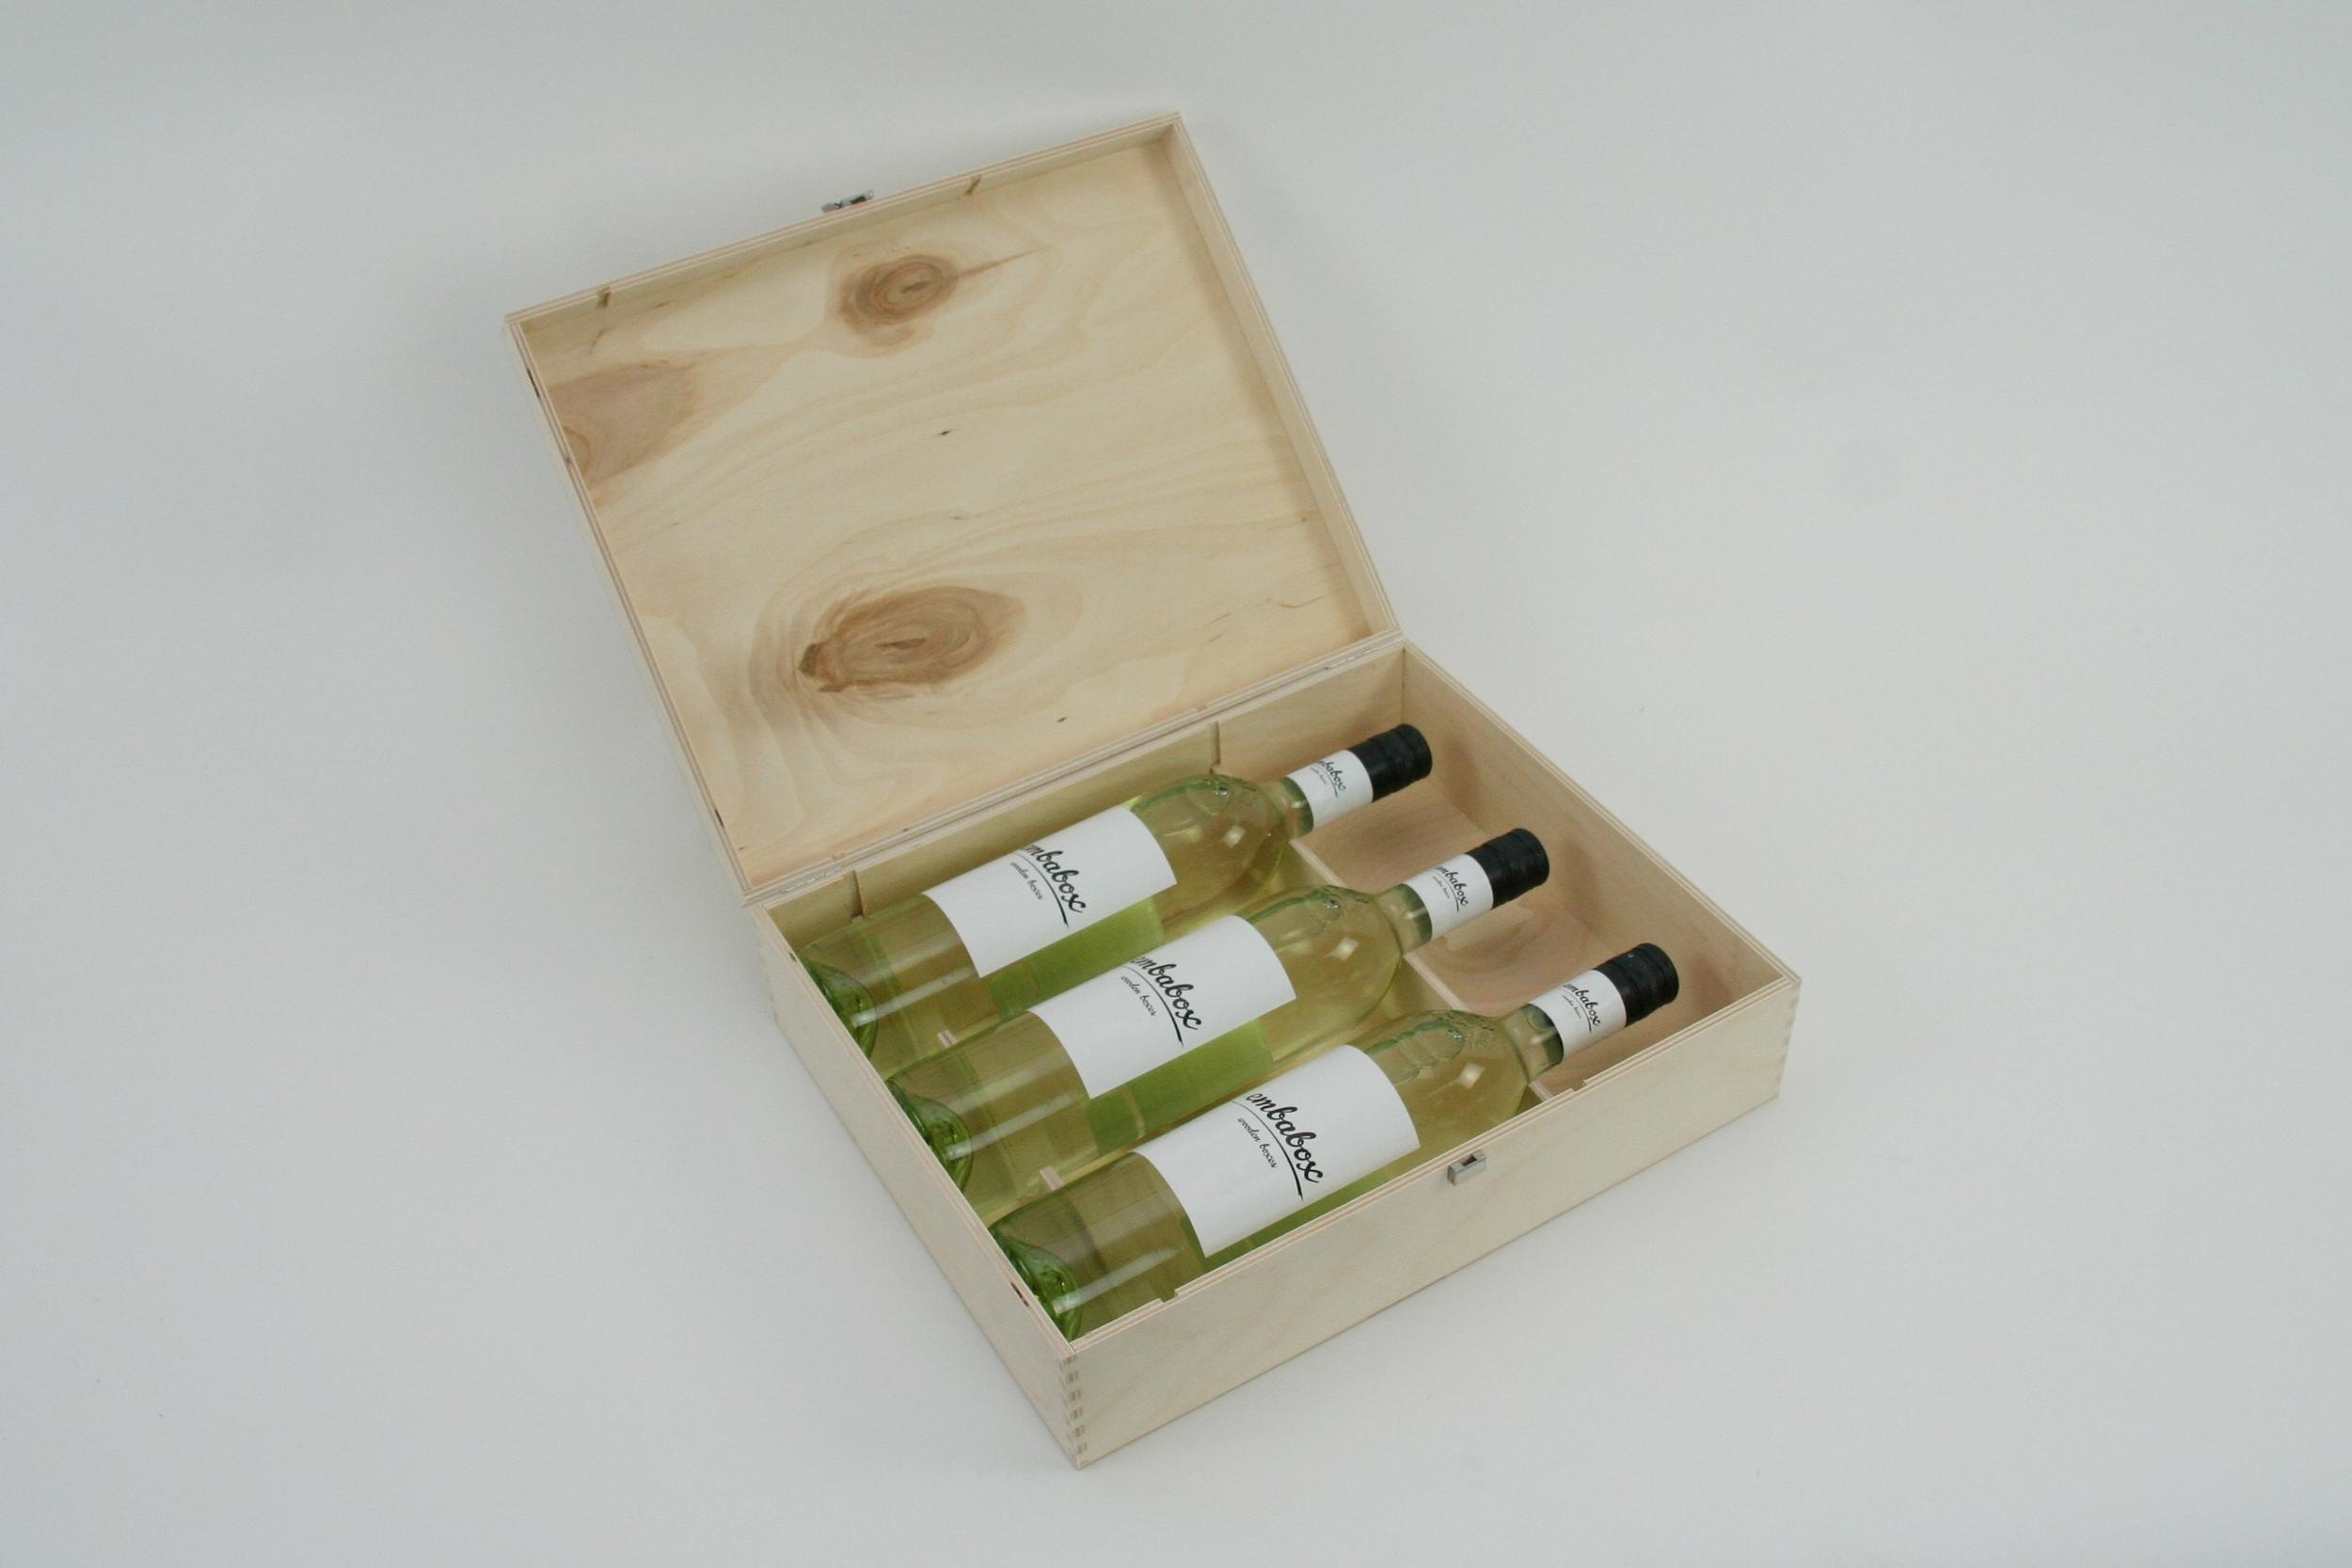 Weinbox mit Flaschenhalterung in Nut